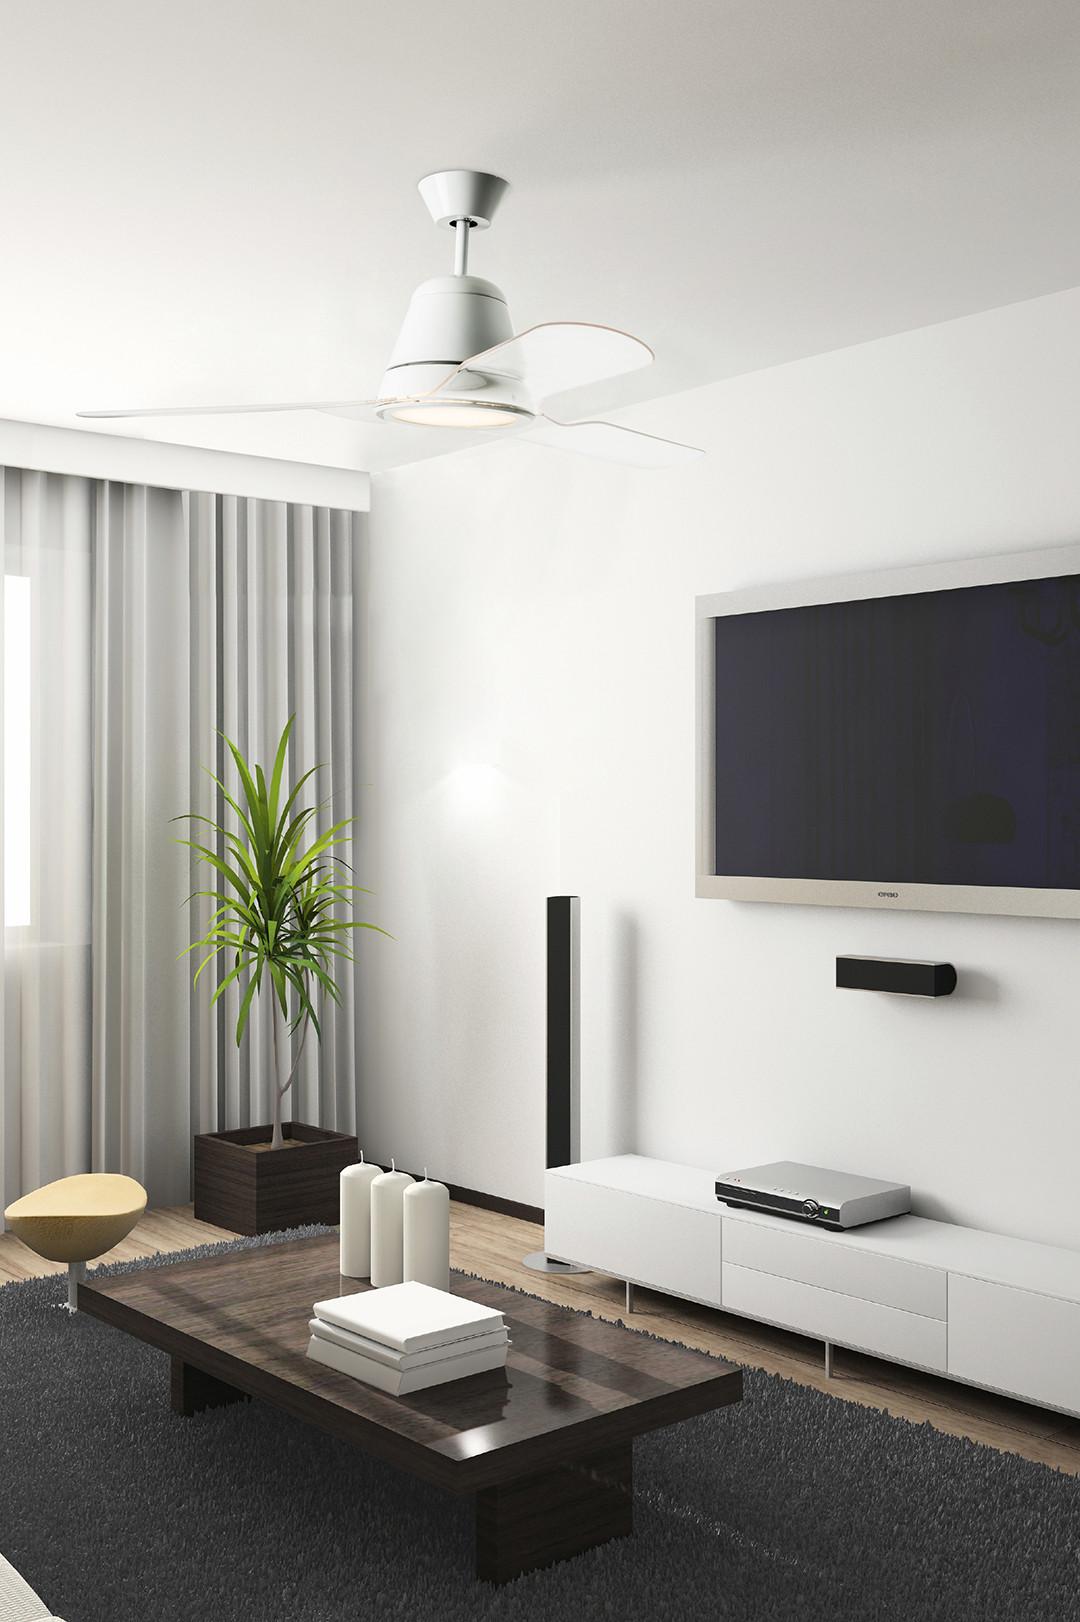 Ventilateur de plafond tiga de leds c4 moderne design 3 p le transparente ou couleur - Ventilateur plafond design ...